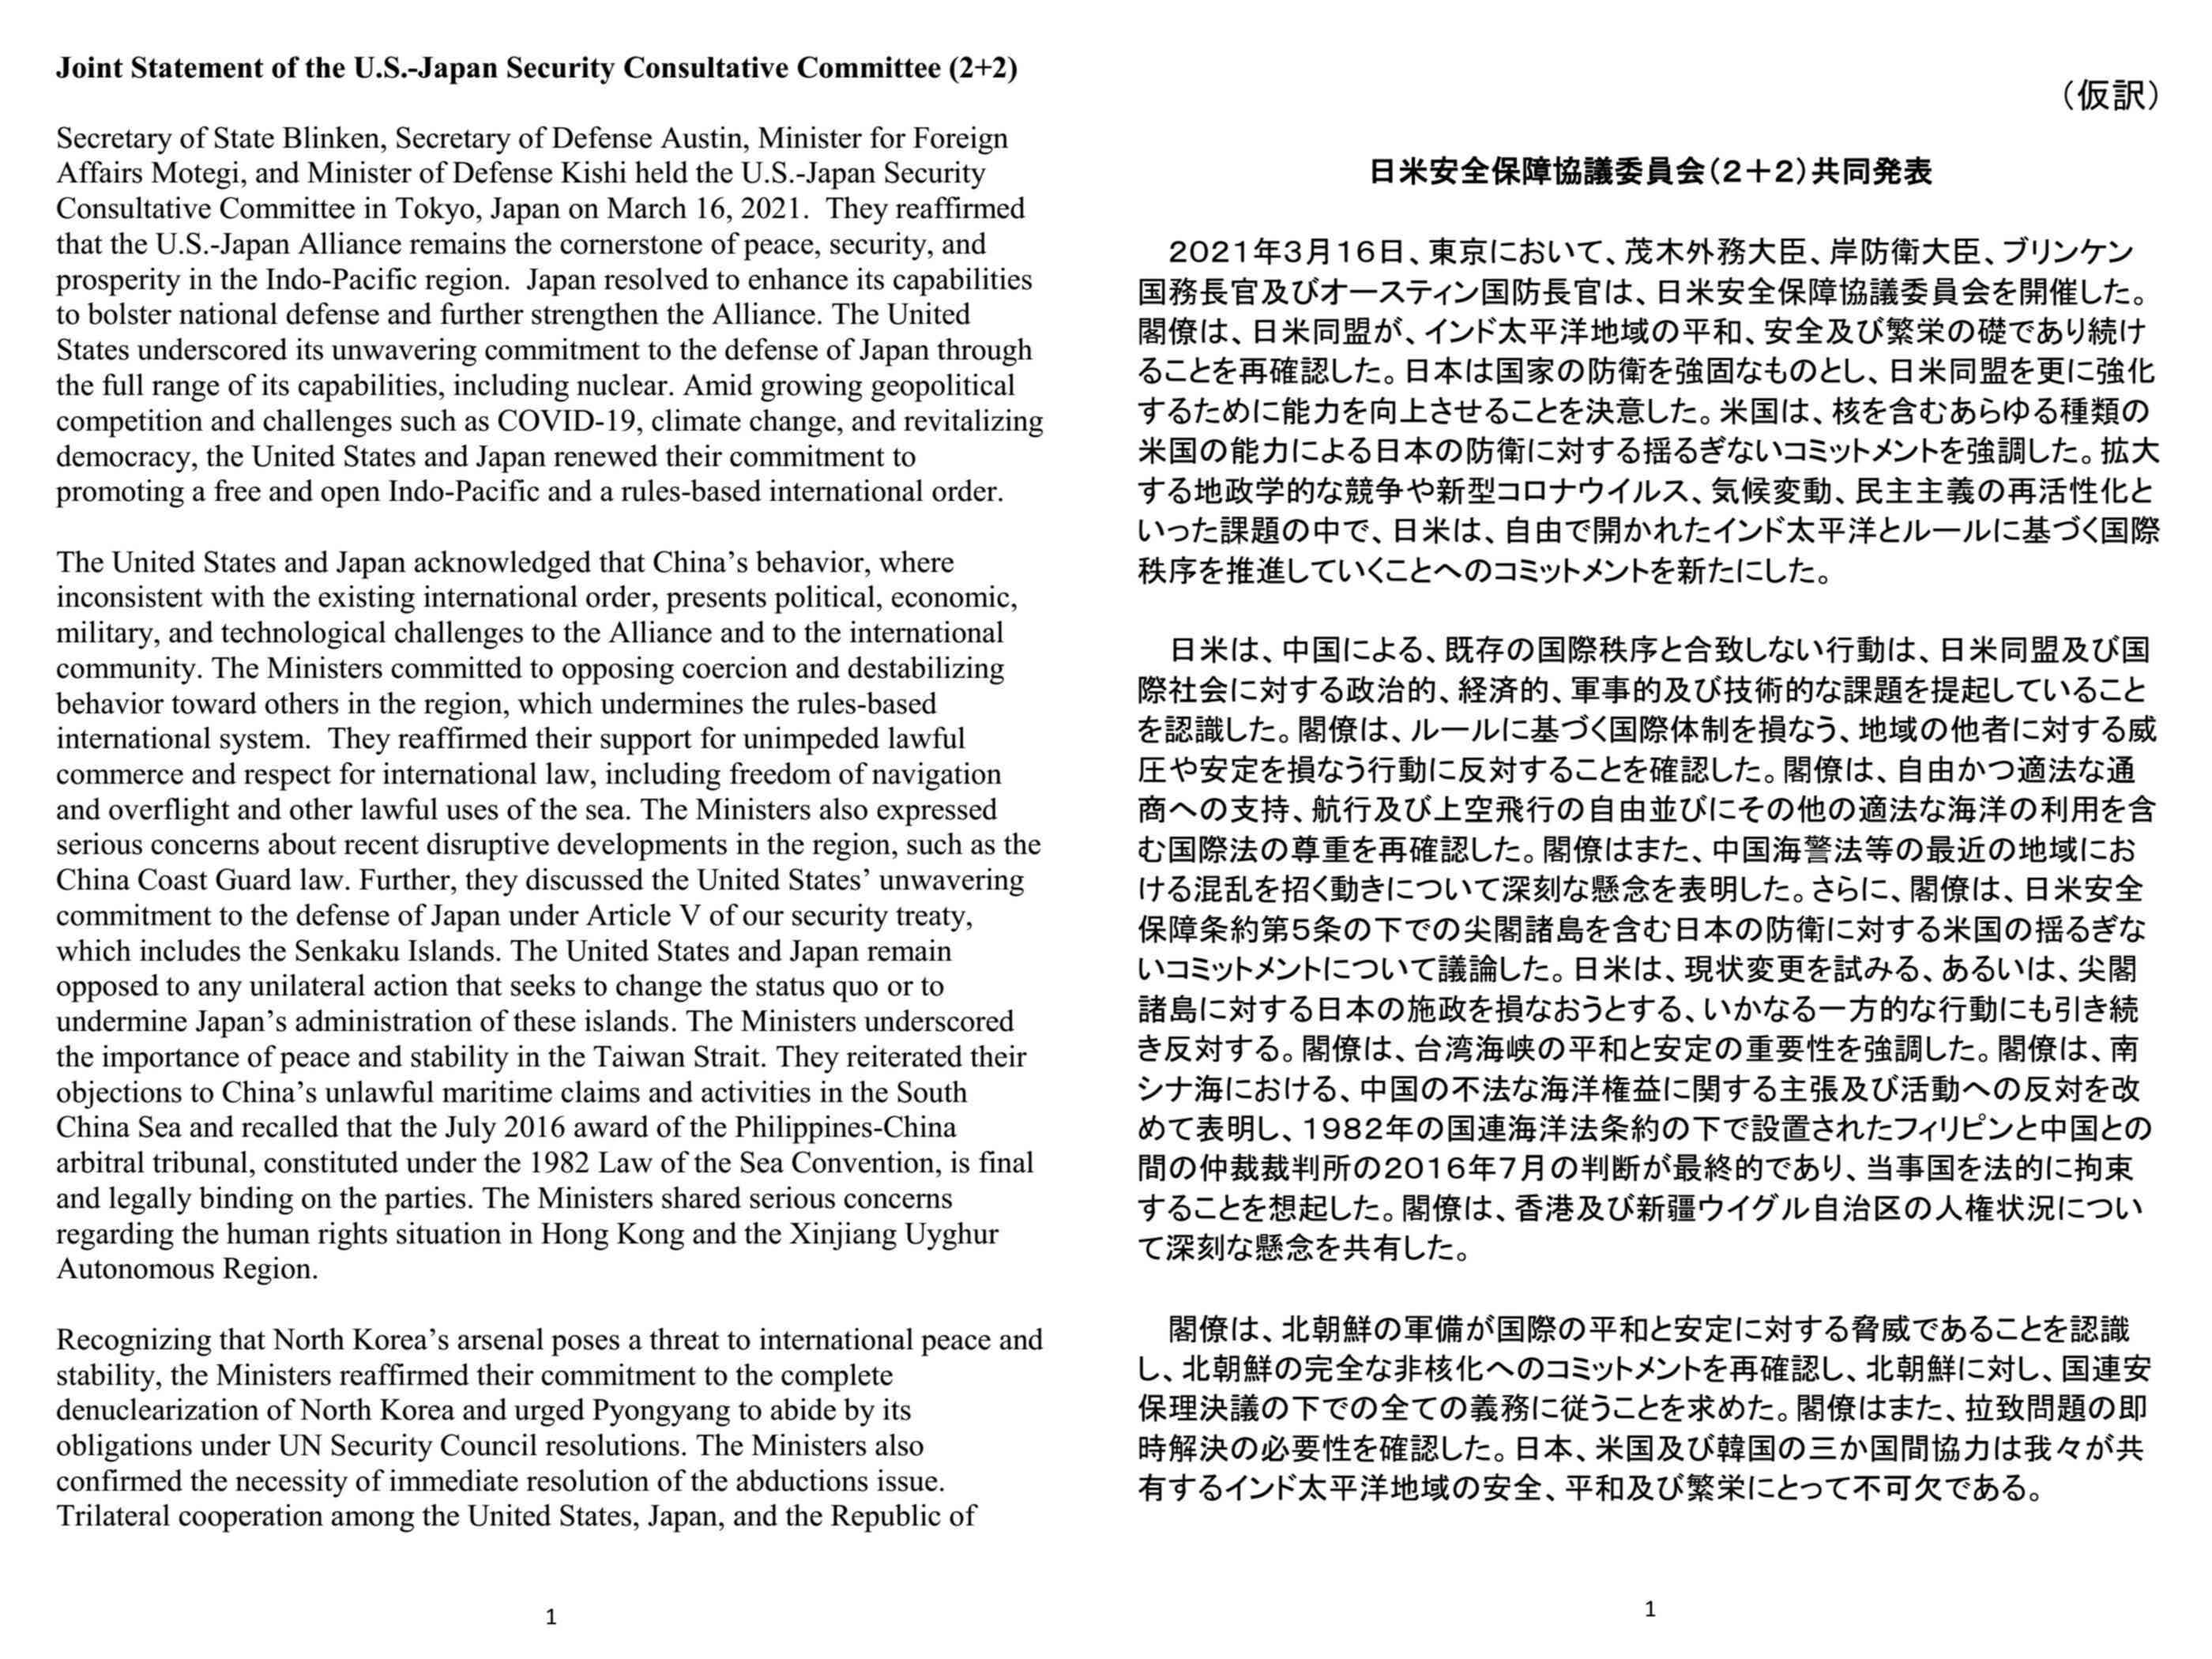 日米安全保障協議委員会(2_2)共同発表01